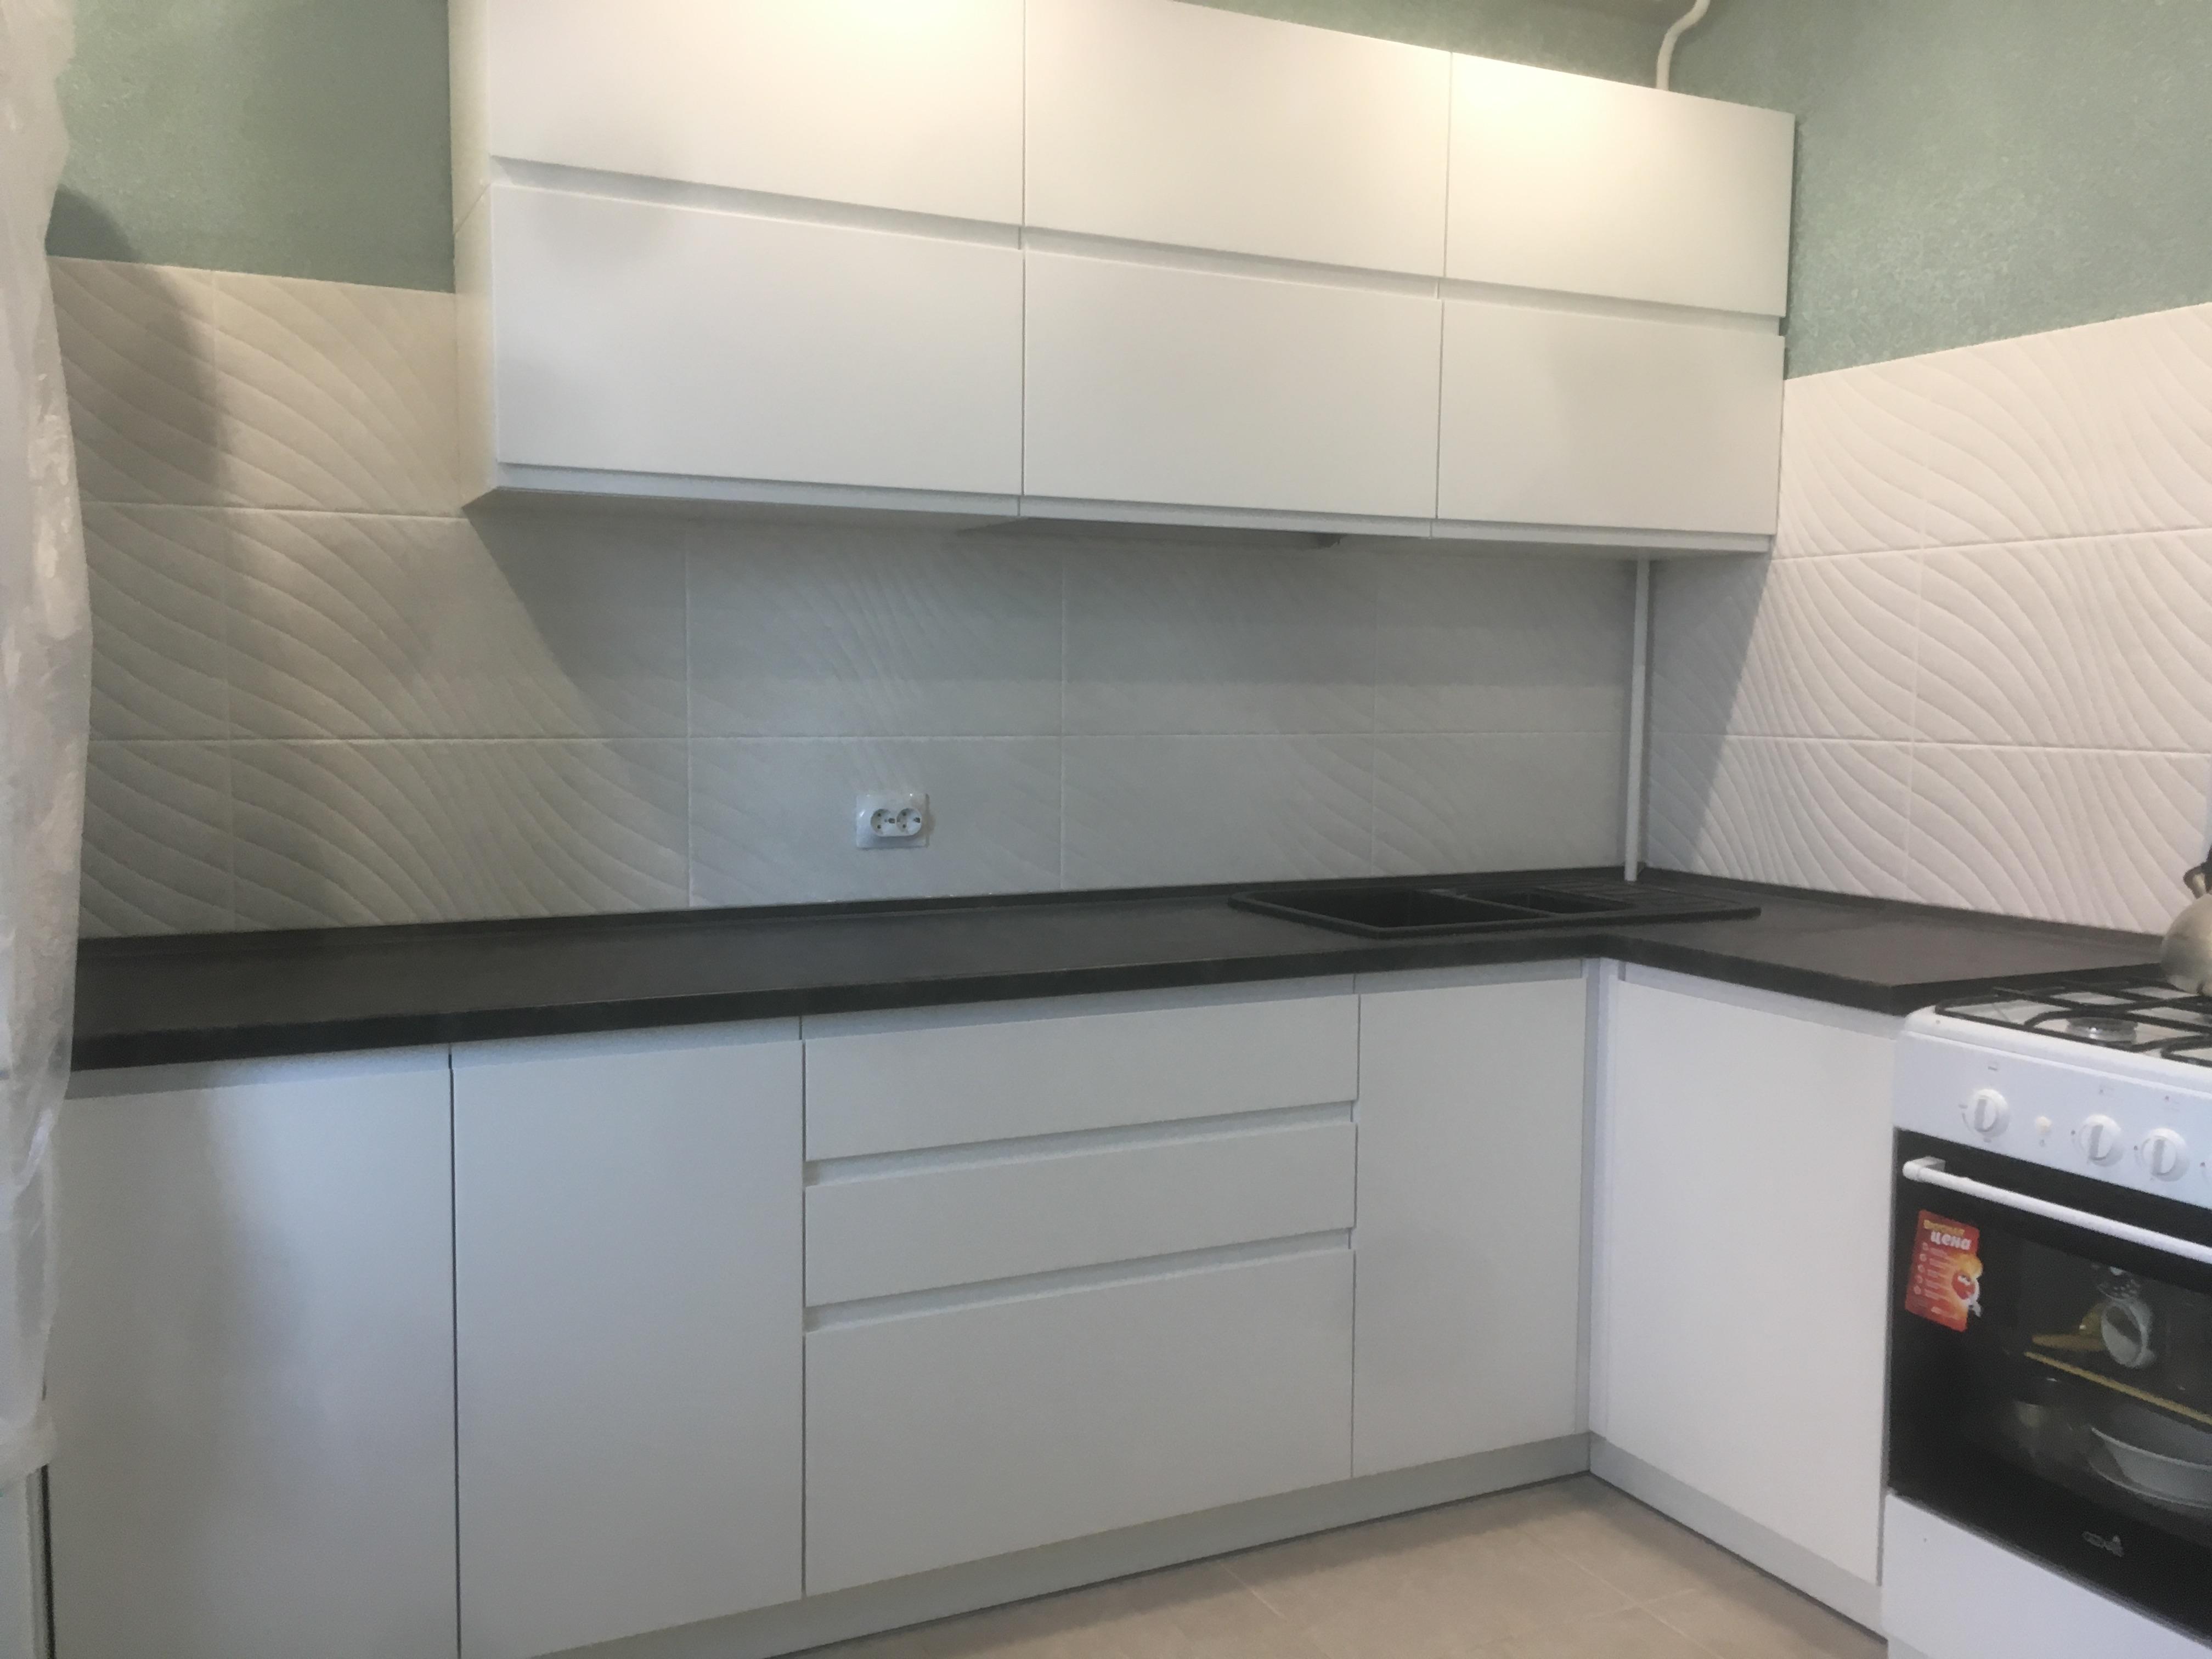 Кухня в Гомеле из крашеного МДФ Breeze 28 2